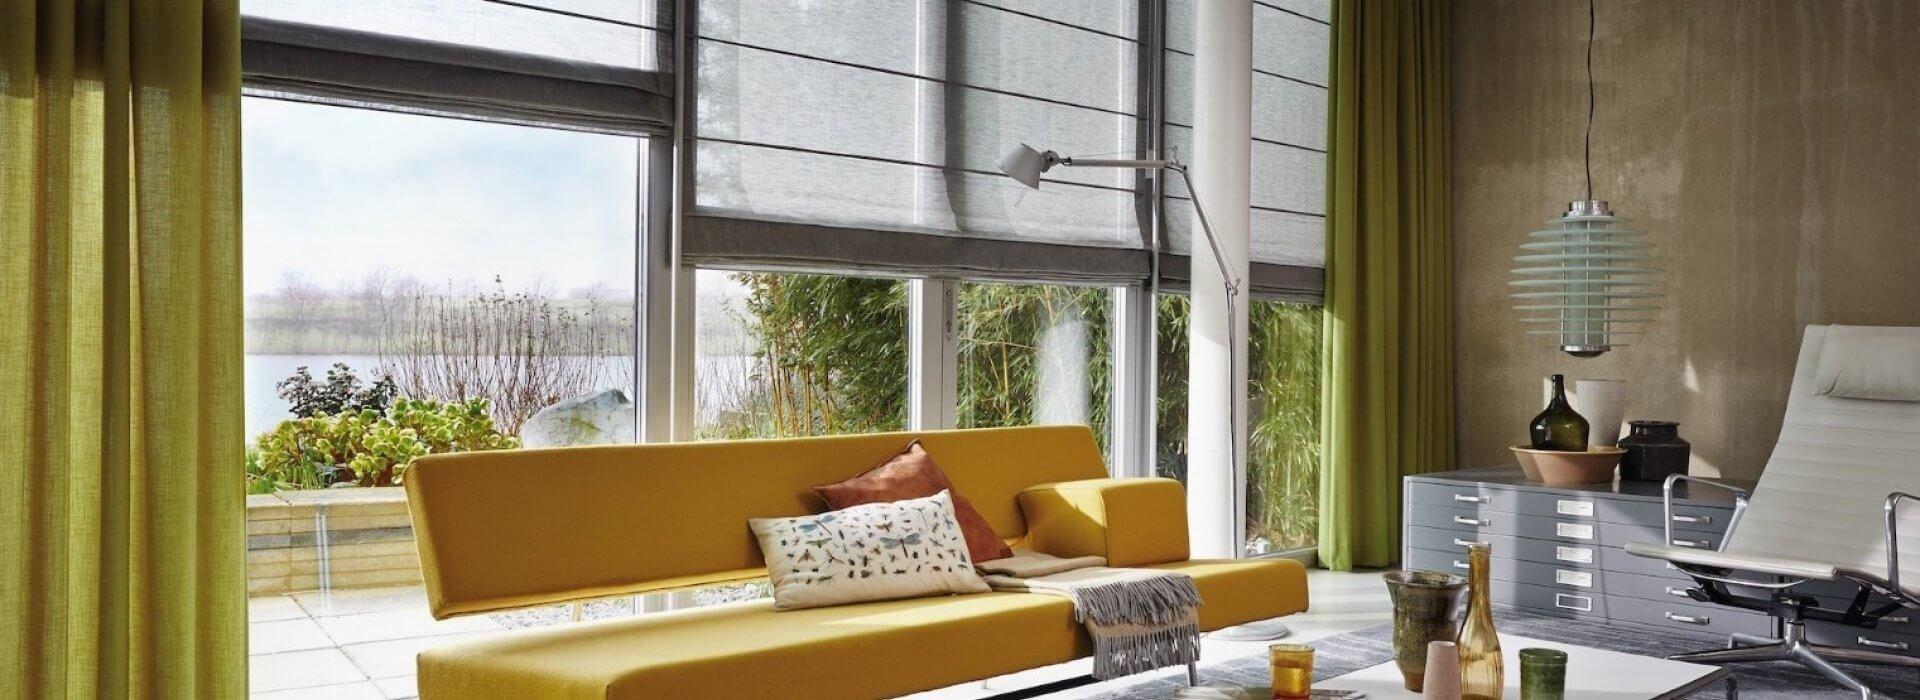 gordijnen op maat amsterdam peters wonen slapen